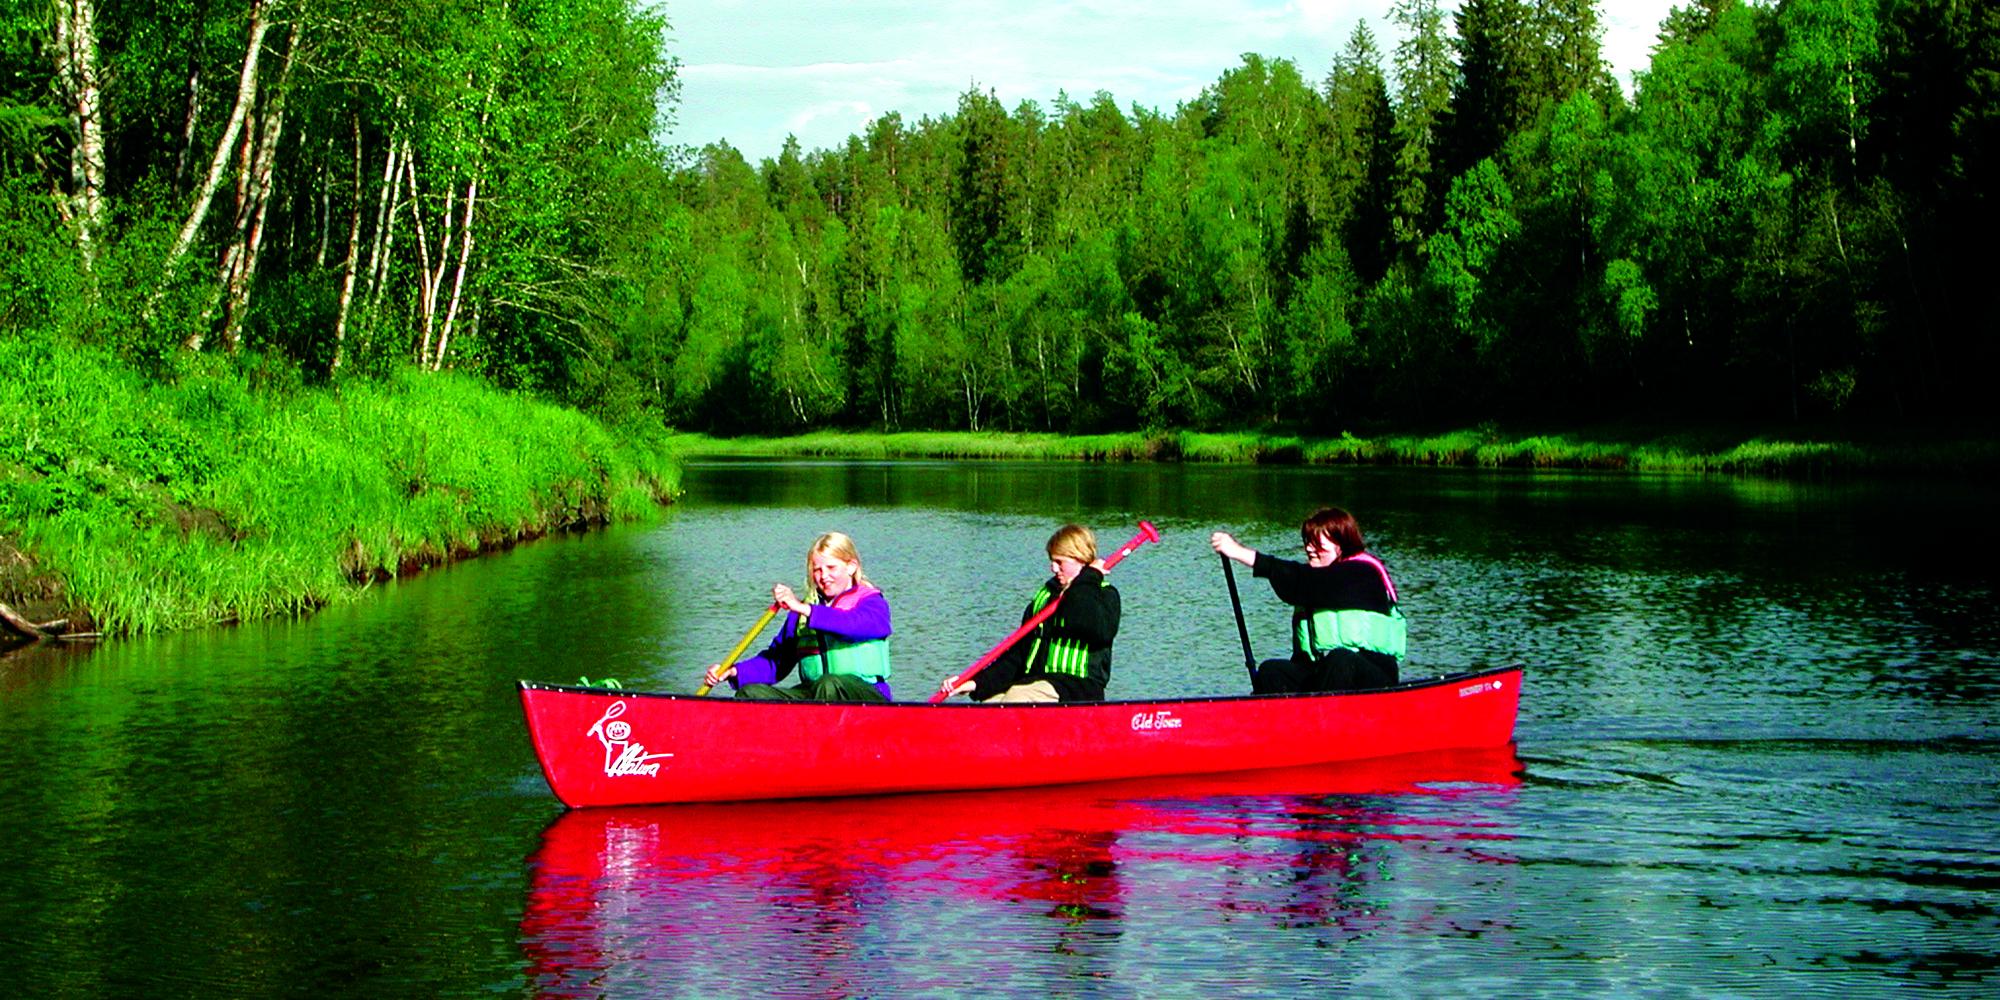 Mokk farm - canoeing. Copyright: Mokk gård